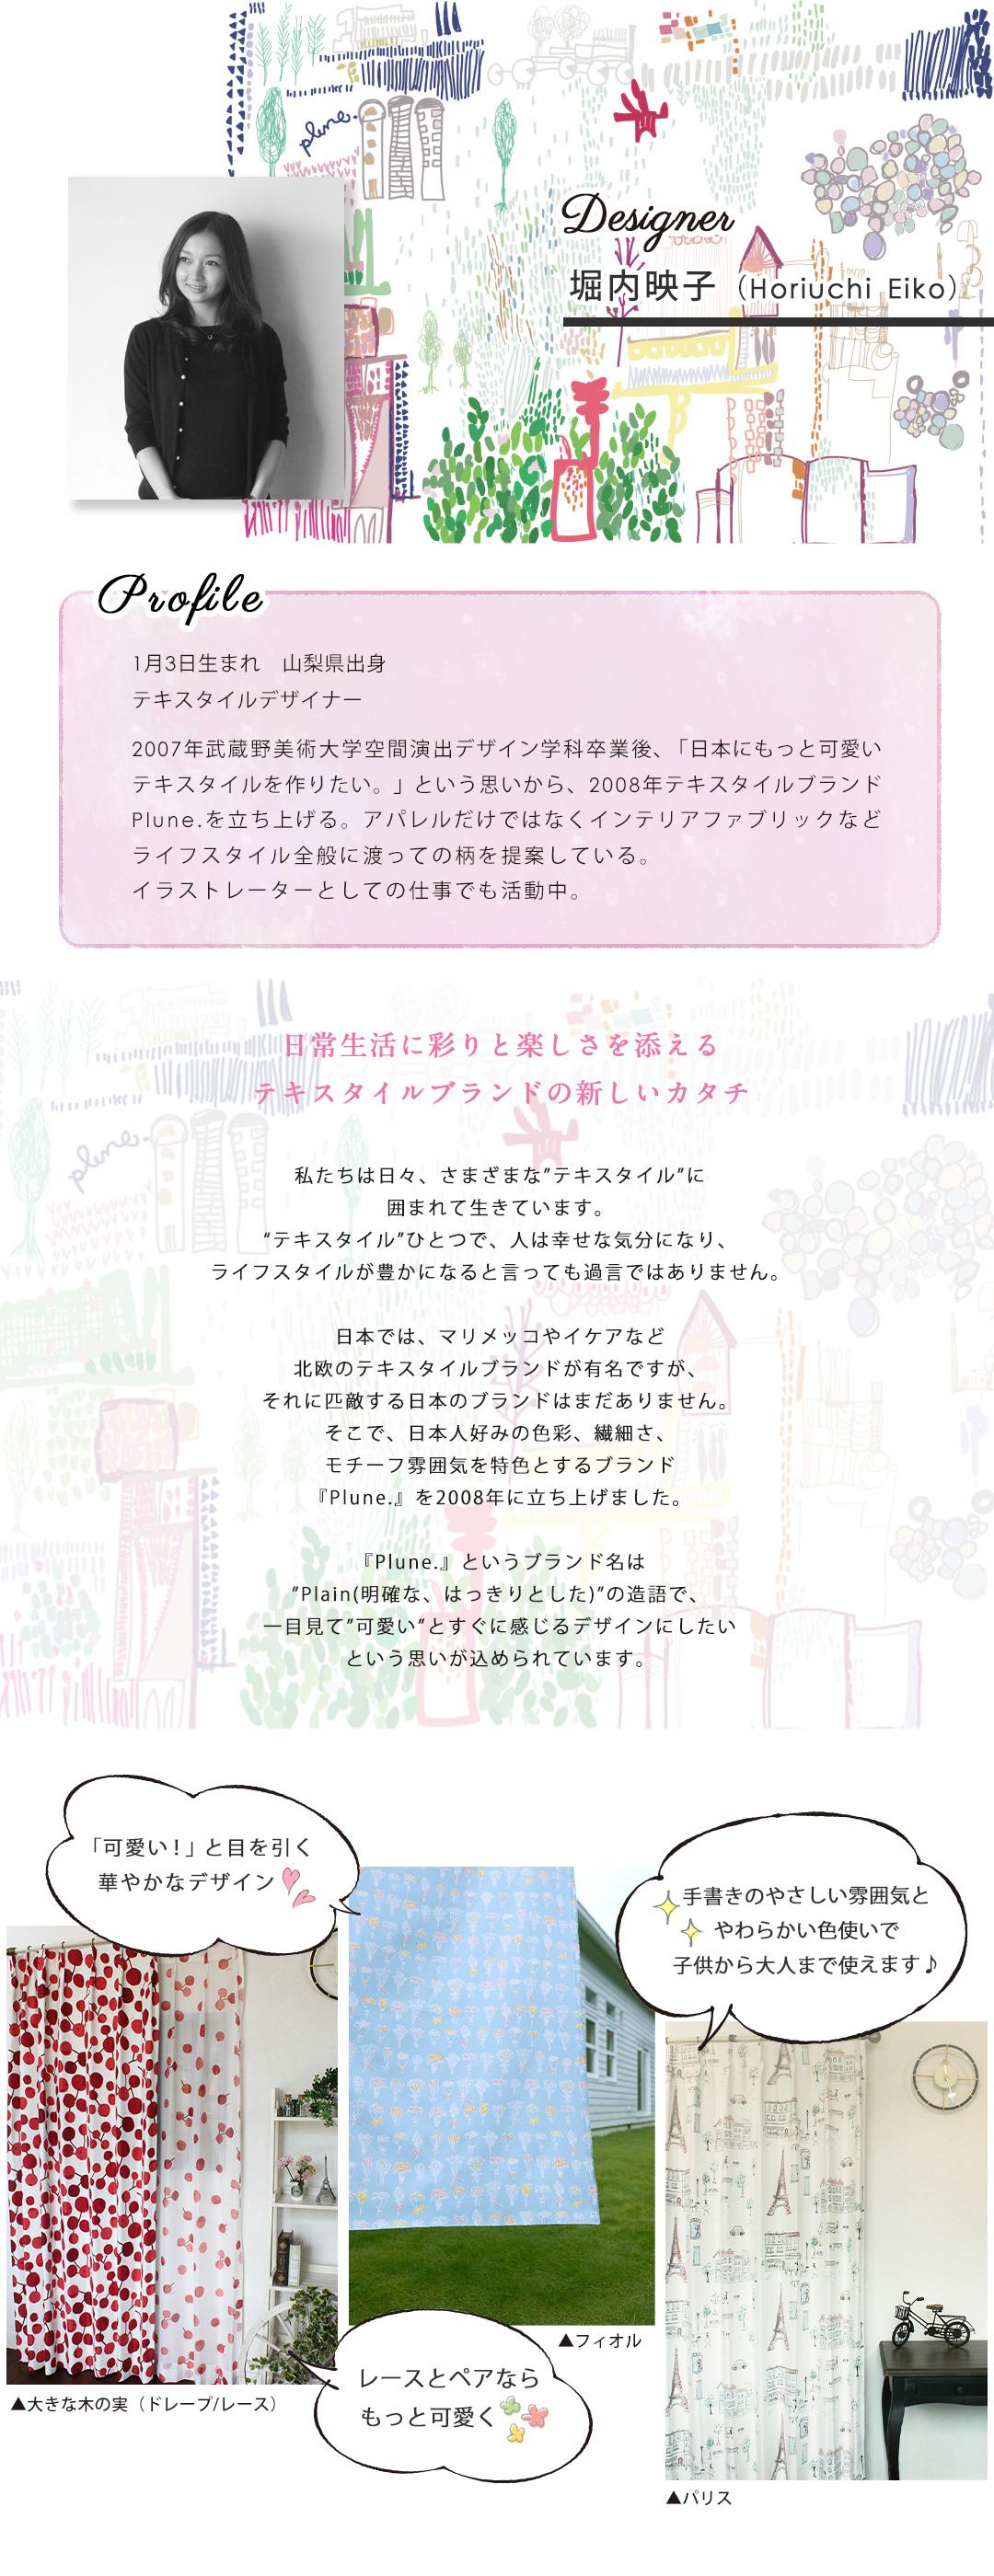 テキスタイルデザイナー 堀内映子